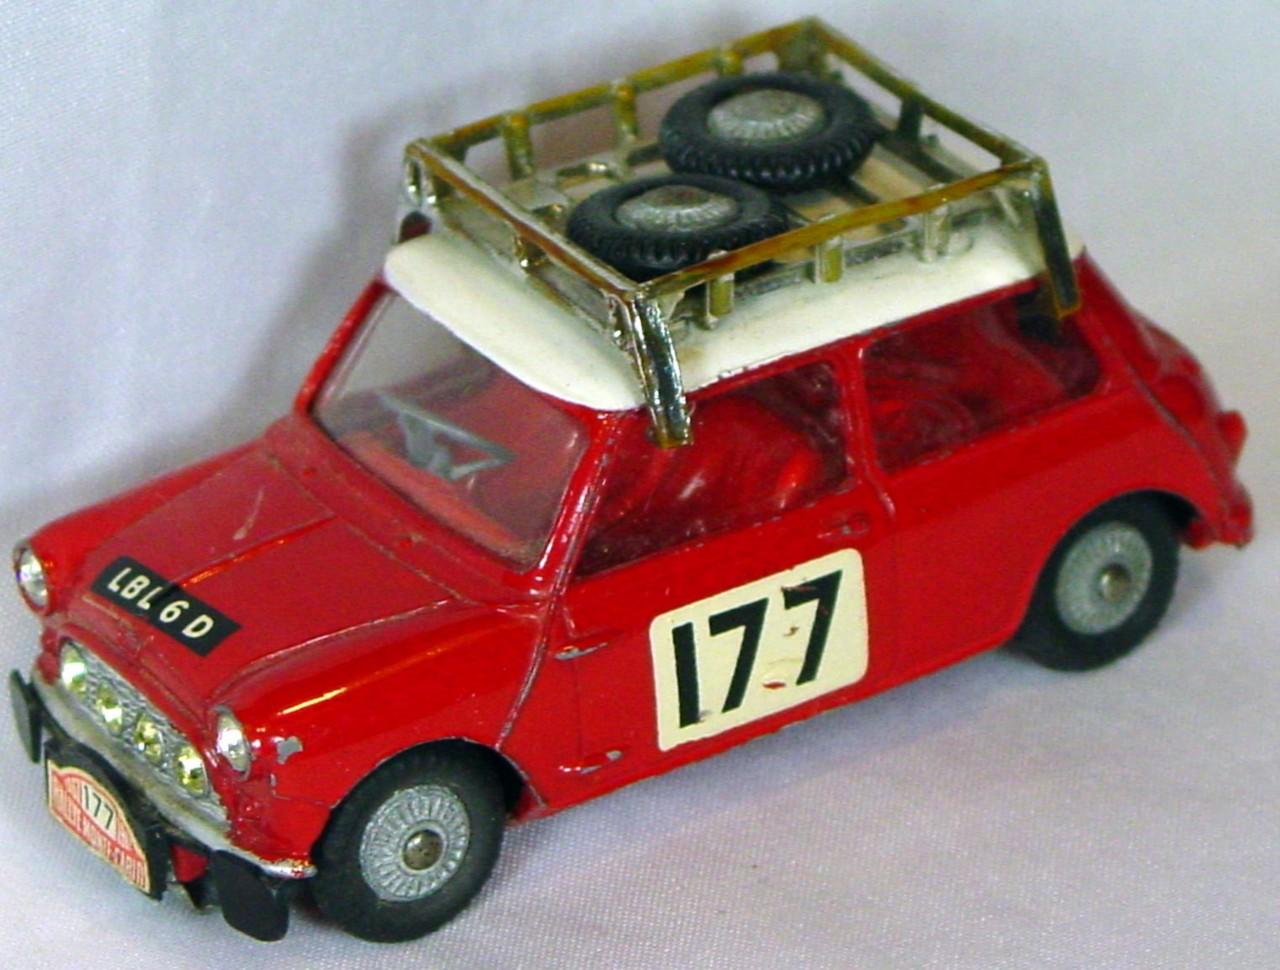 Corgi 339 A - Mini Cooper Monte Carlo Red 177